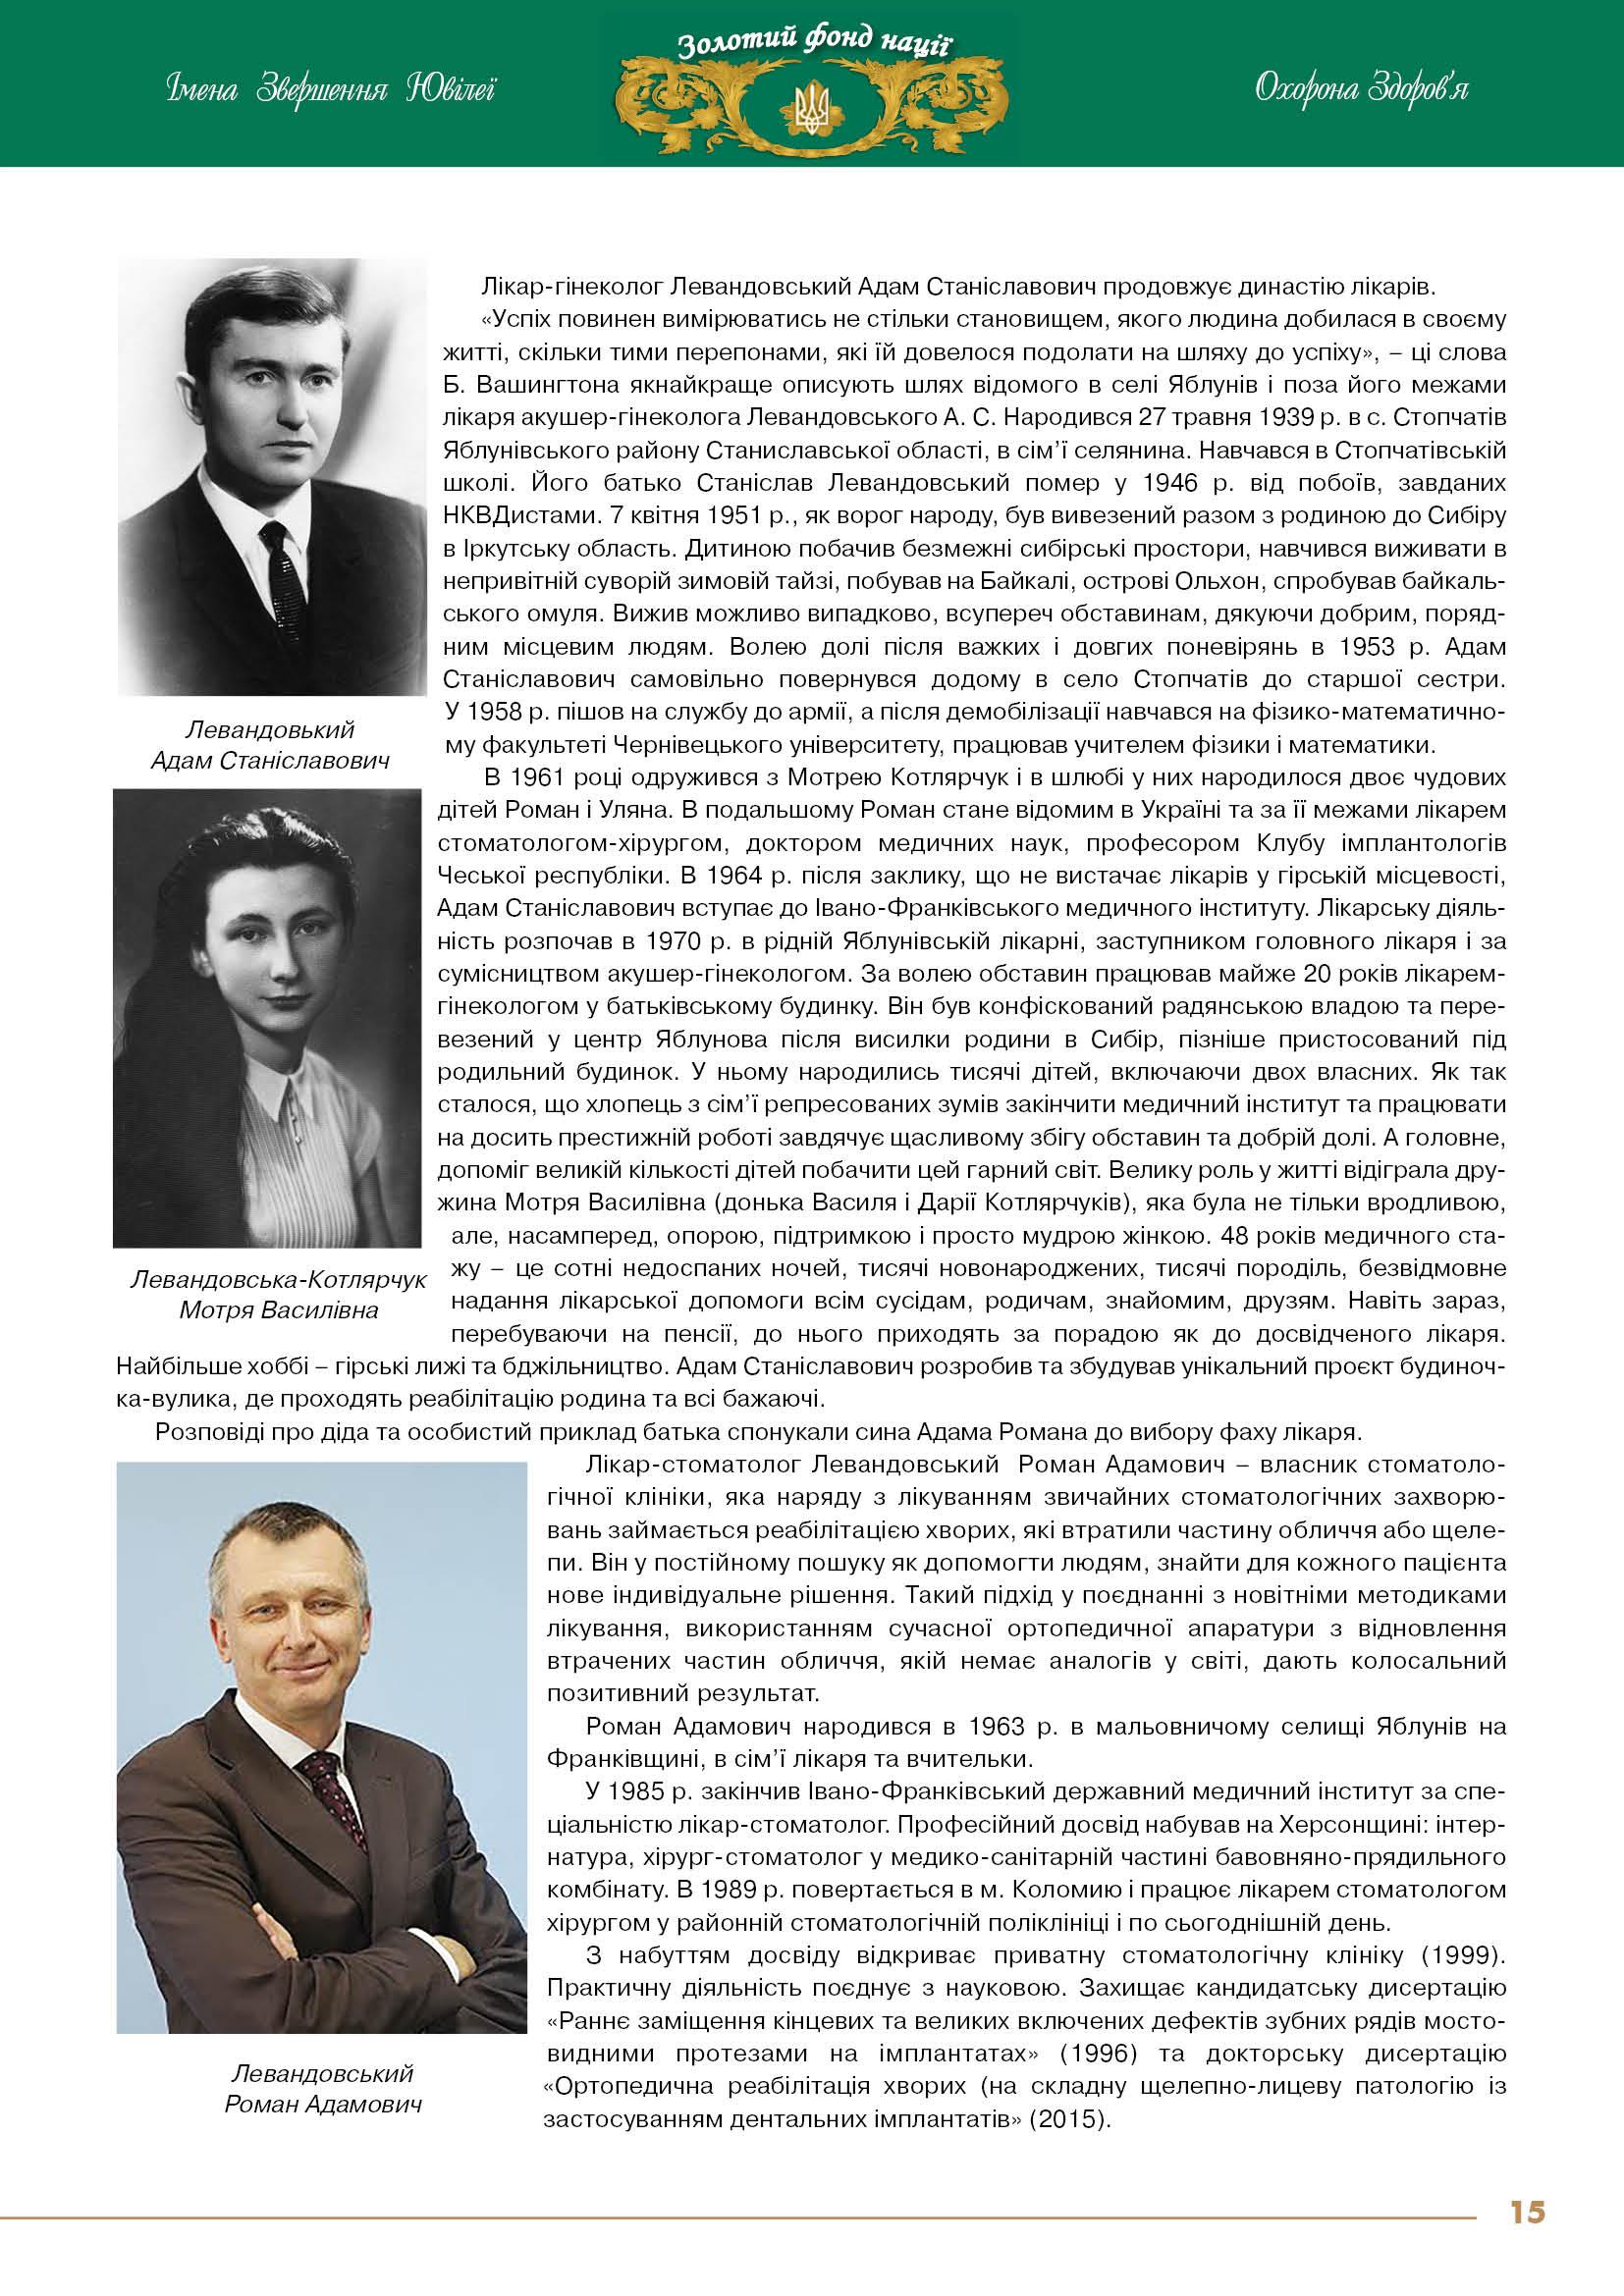 Медична династія Котлярчуків-Левандовських з Яблунова